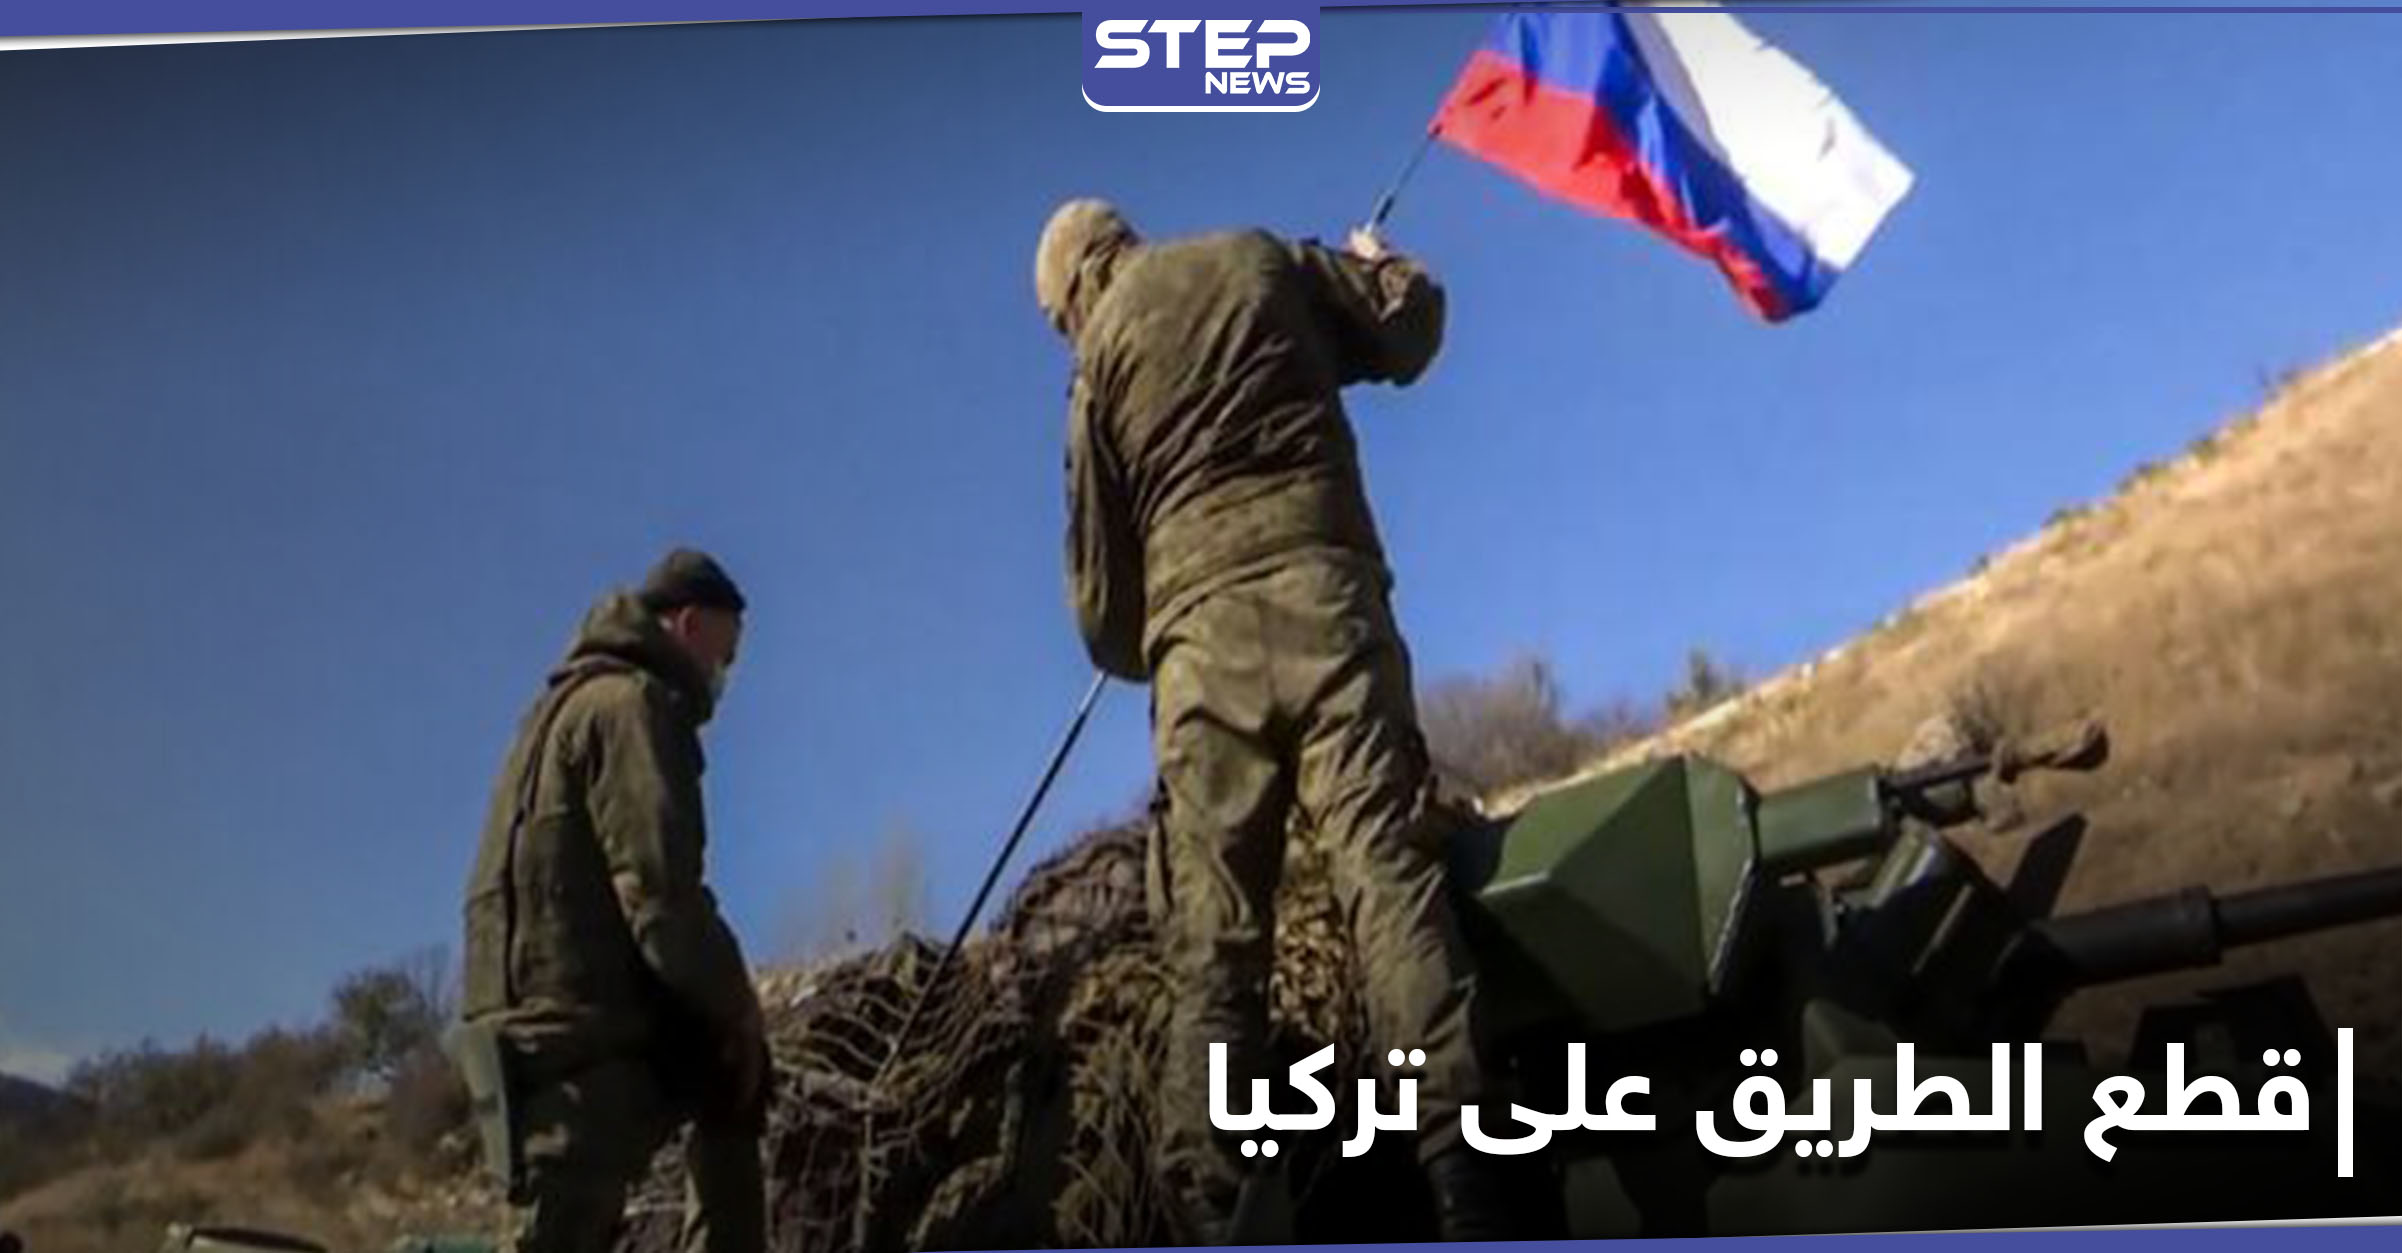 قوات حفظ سلام روسية ونقاط مراقبة تركية